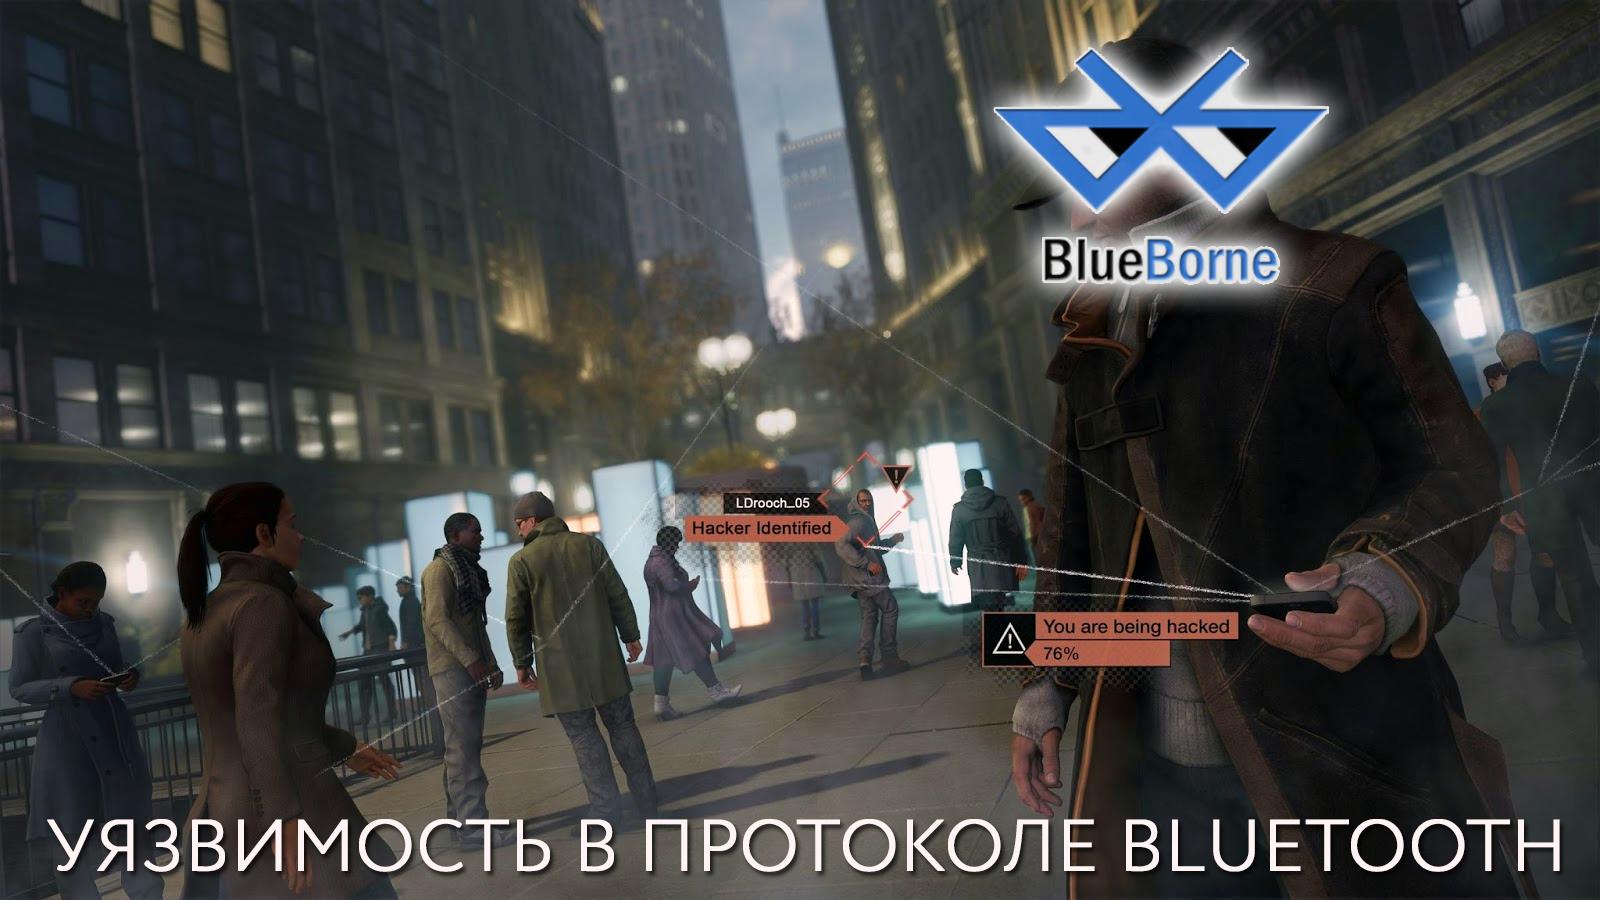 [Перевод] Эксплойт BlueBorne на Android, iOS, Linux и Windows: более 8 миллиардов устройств критически уязвимы